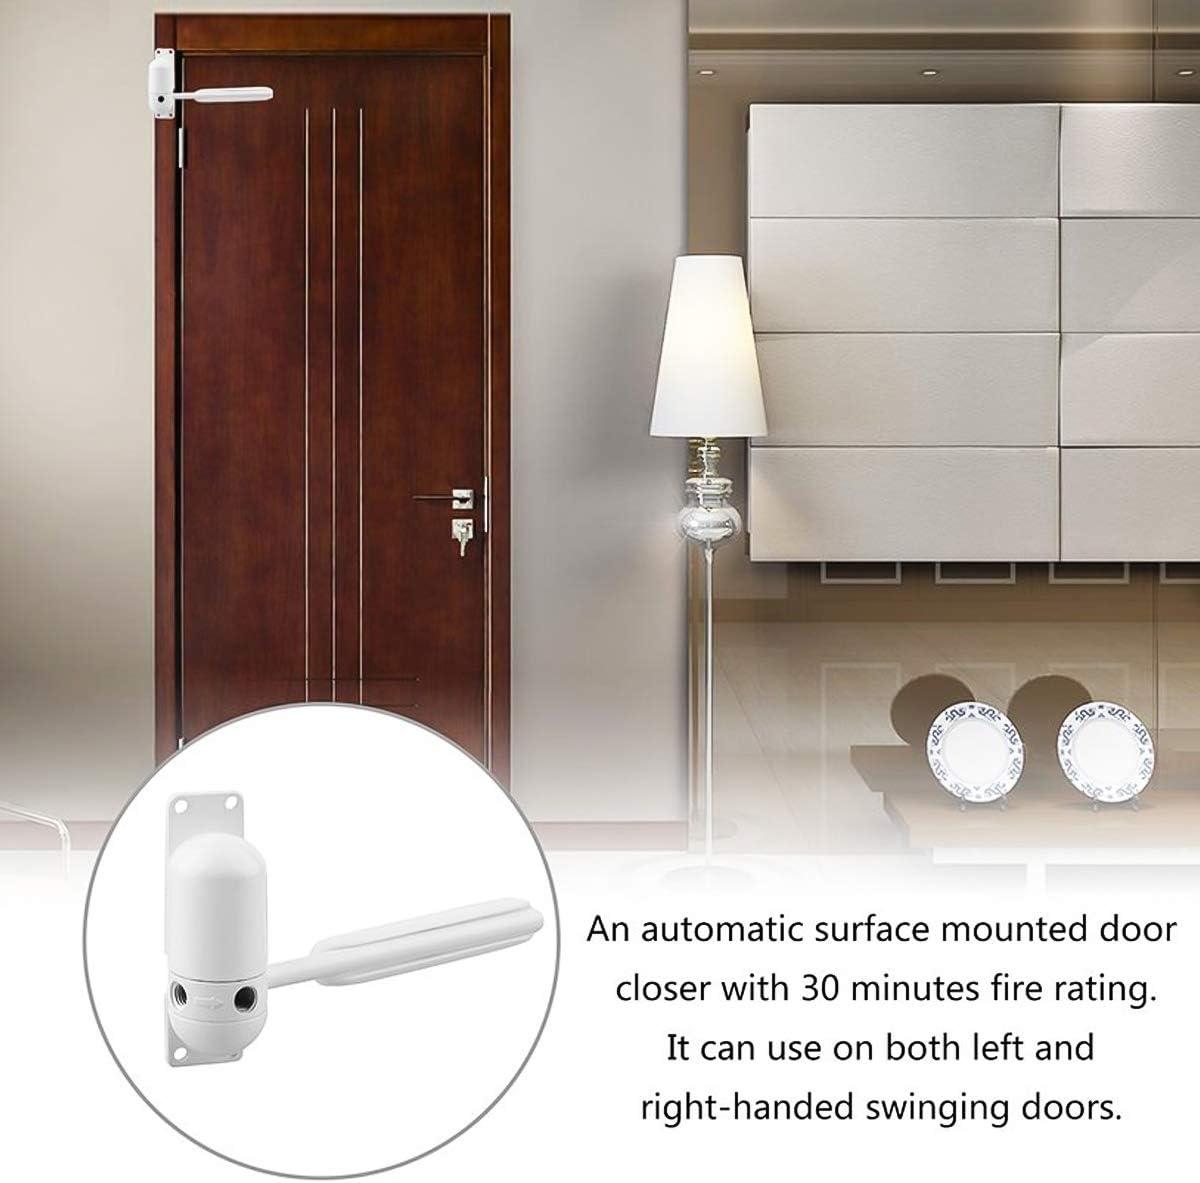 Ferme-Porte Automatique Mont/é en Surface R/églable /à Ressort pour Fermeture Automatique Yudanny Ferme-Porte Automatique